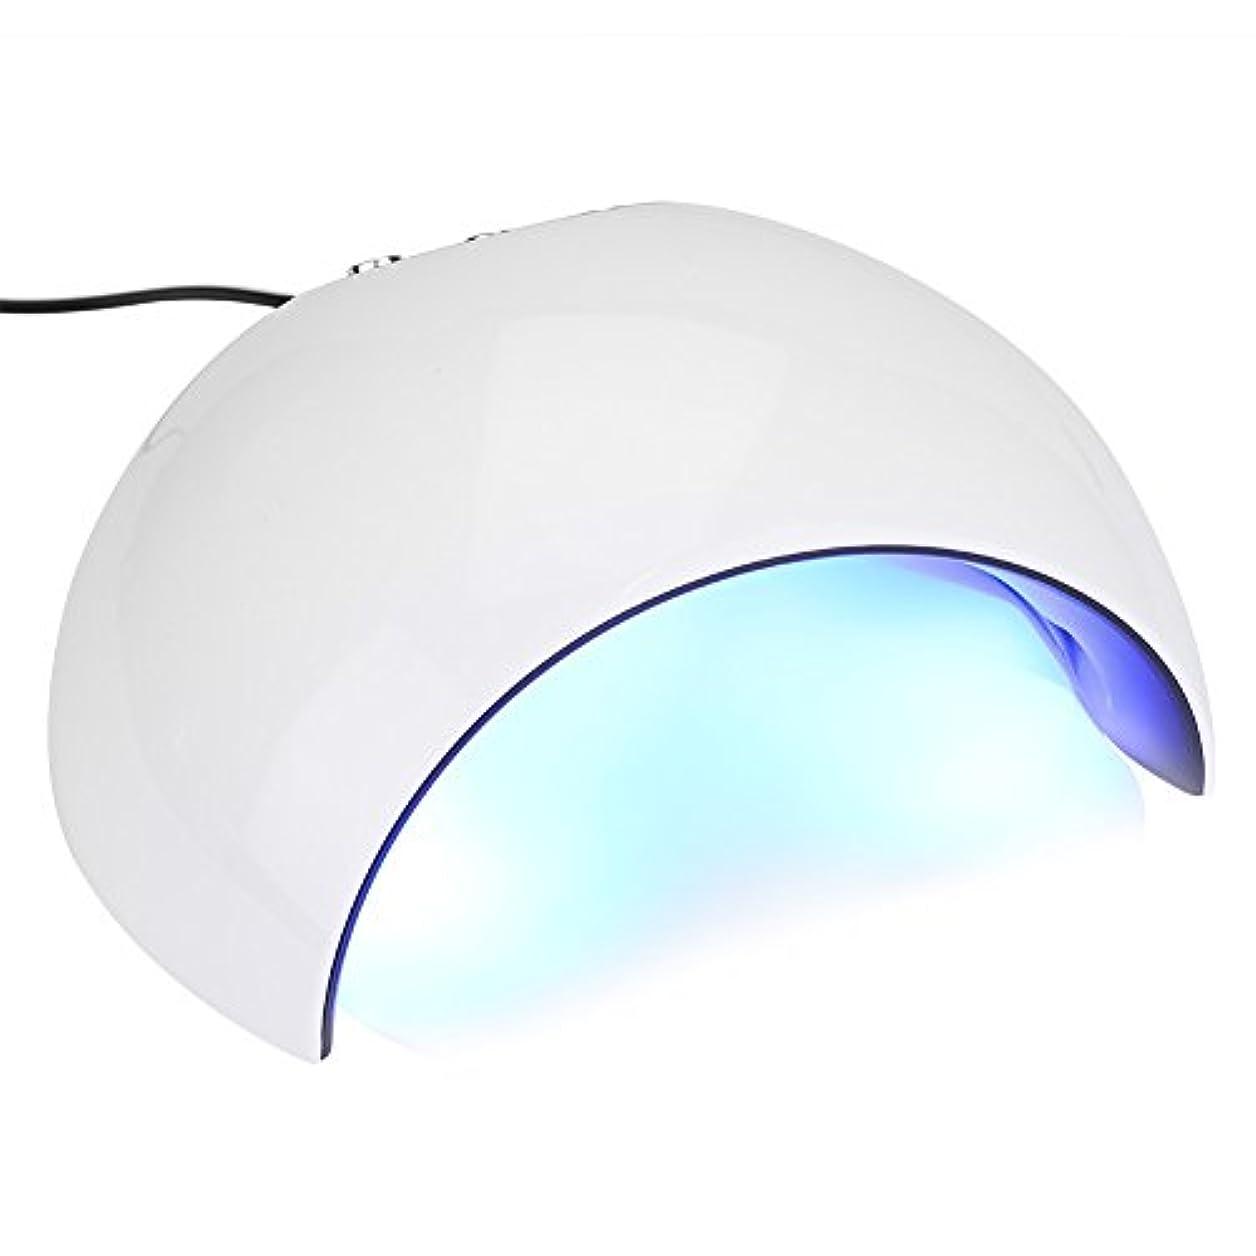 キュービック師匠宿泊施設24Wネイルドライヤー - 3タイマー60秒、90秒、120秒のUV LEDネイルランプ